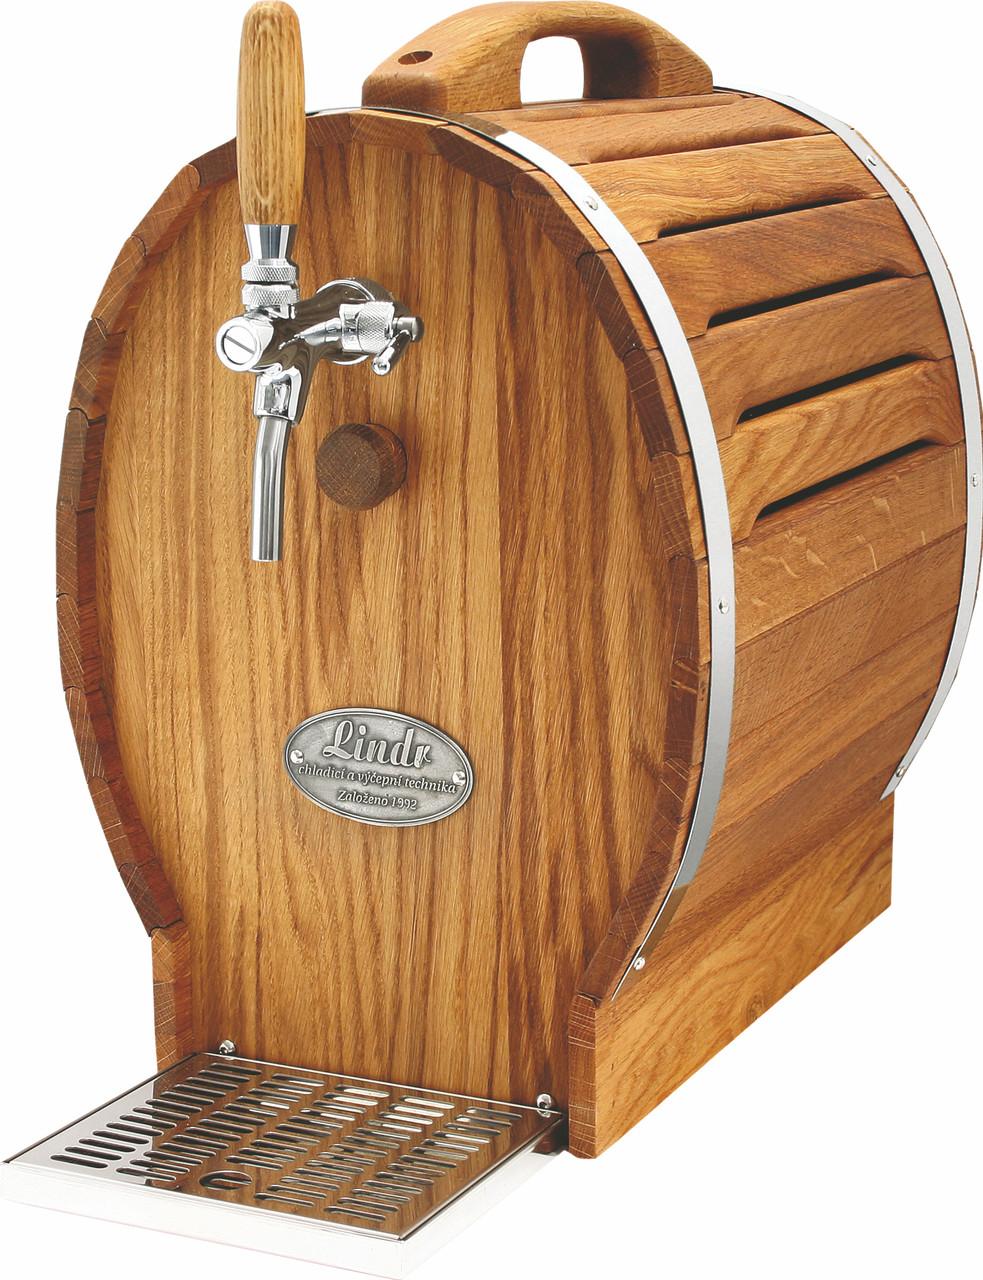 Охладитель вина для домашнего бара - 30 л/ч - сухой, дерево, бочонок, Soudek 30/K, Lindr, Чехия